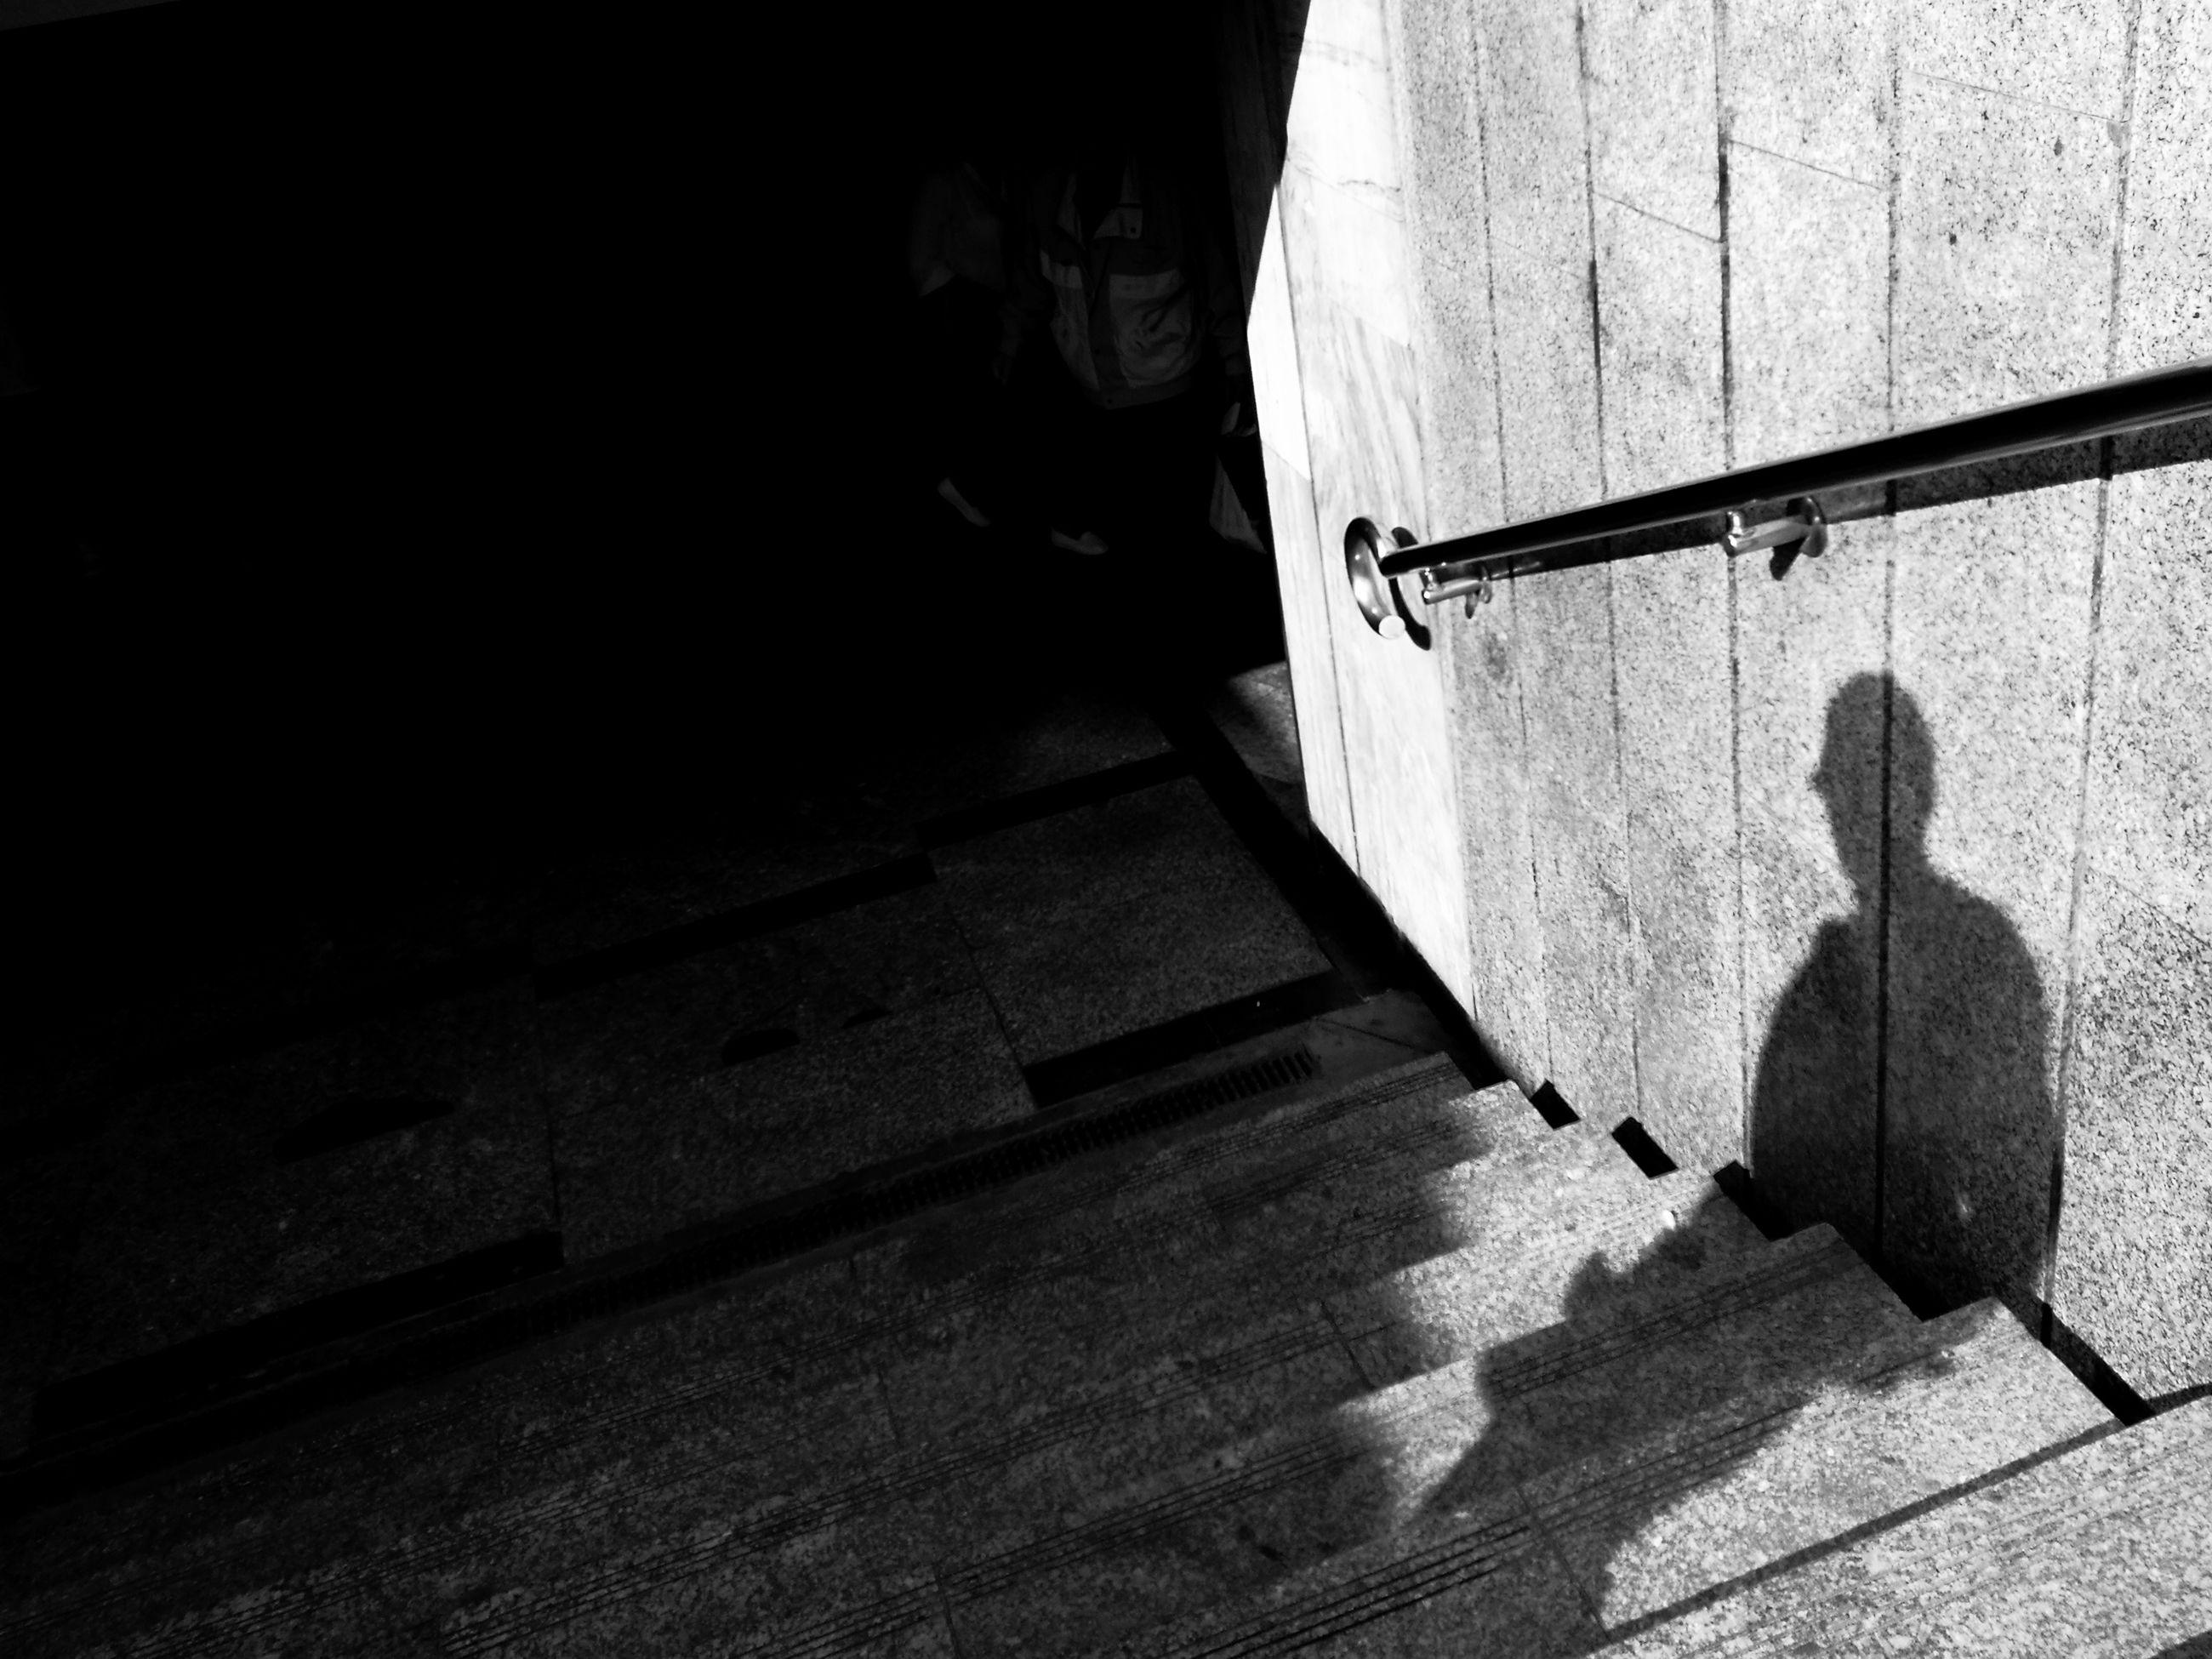 shadow, indoors, flooring, day